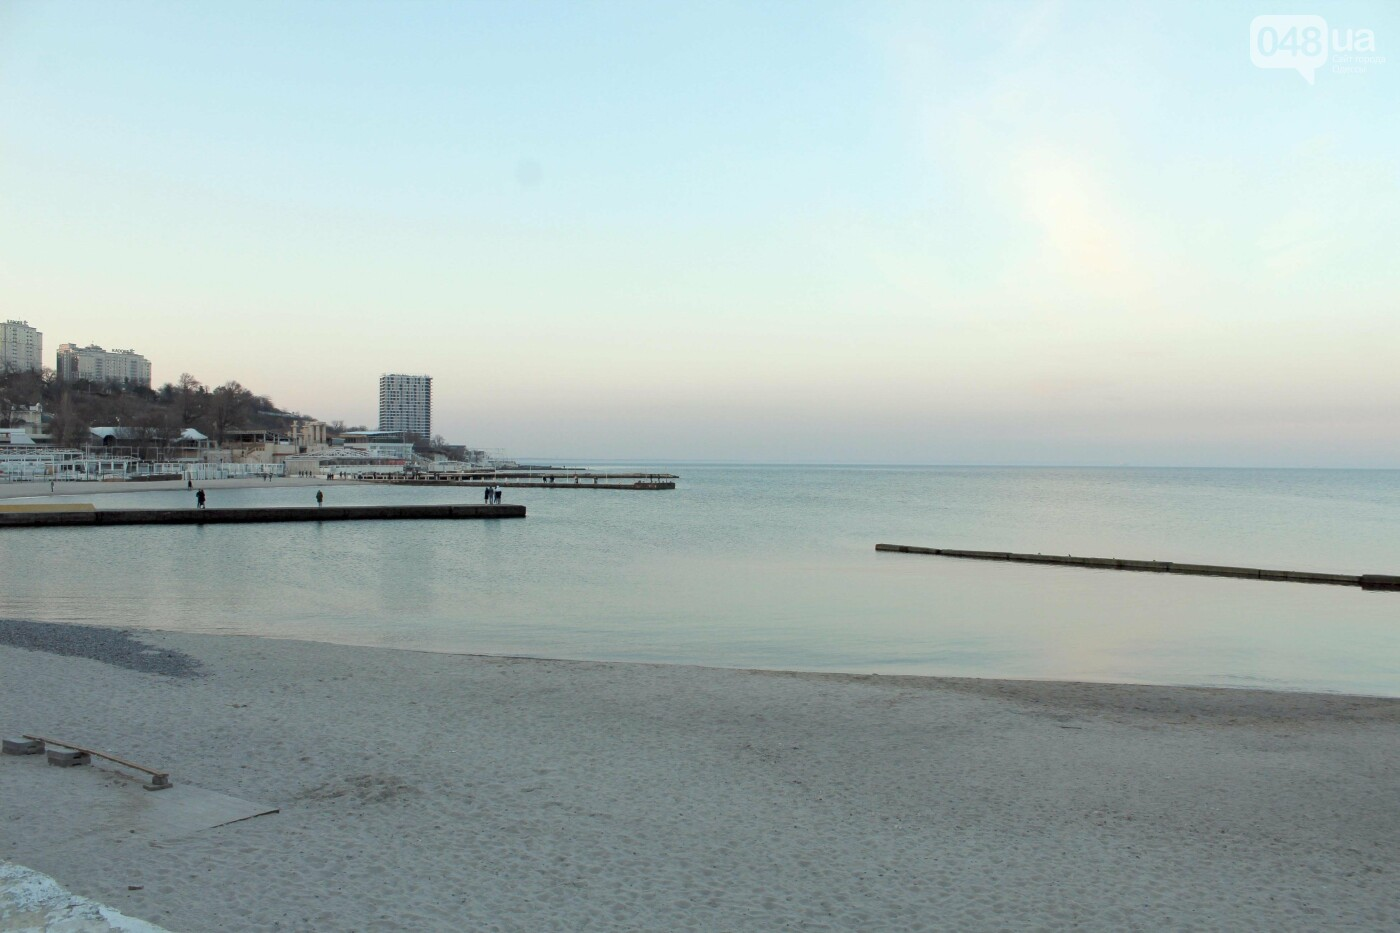 Апрель, Одесса, пляж: закат раскрасил море лазурными красками,- ФОТОПЯТНИЦА, фото-3